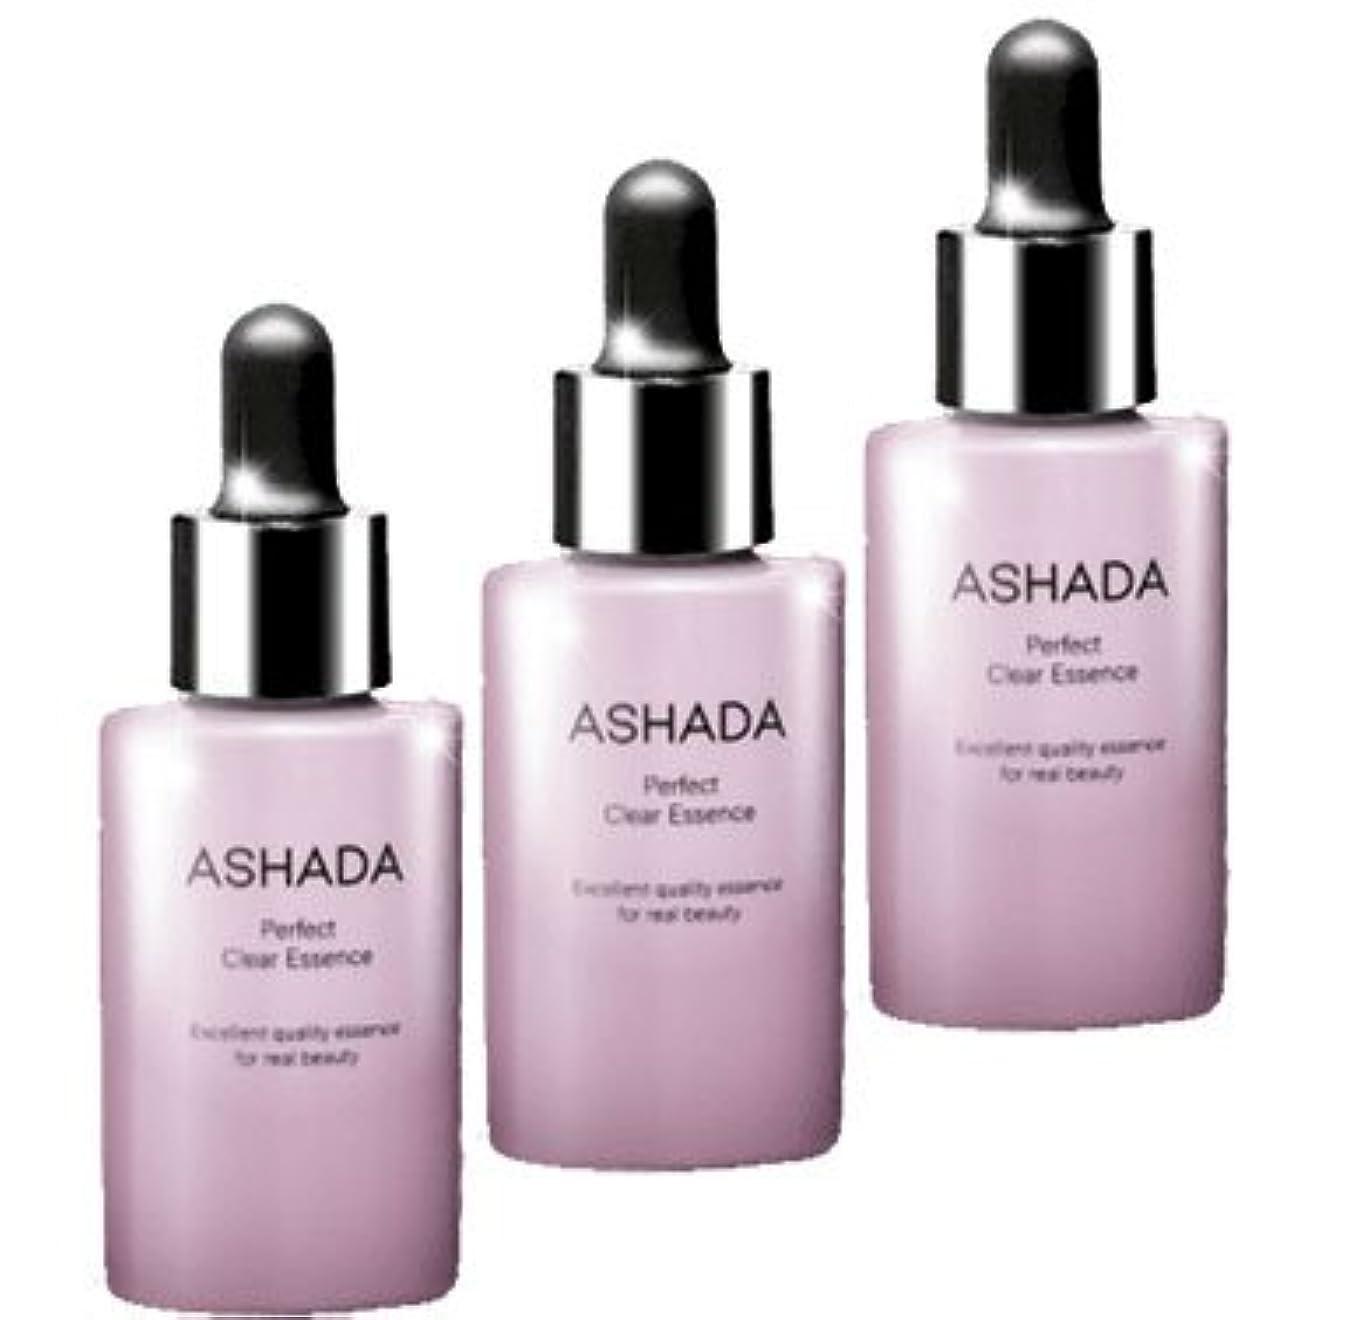 に沿って有毒な人ASHADA-アスハダ- パーフェクトクリアエッセンス (GDF-11 配合 幹細胞 コスメ)【3個セット】